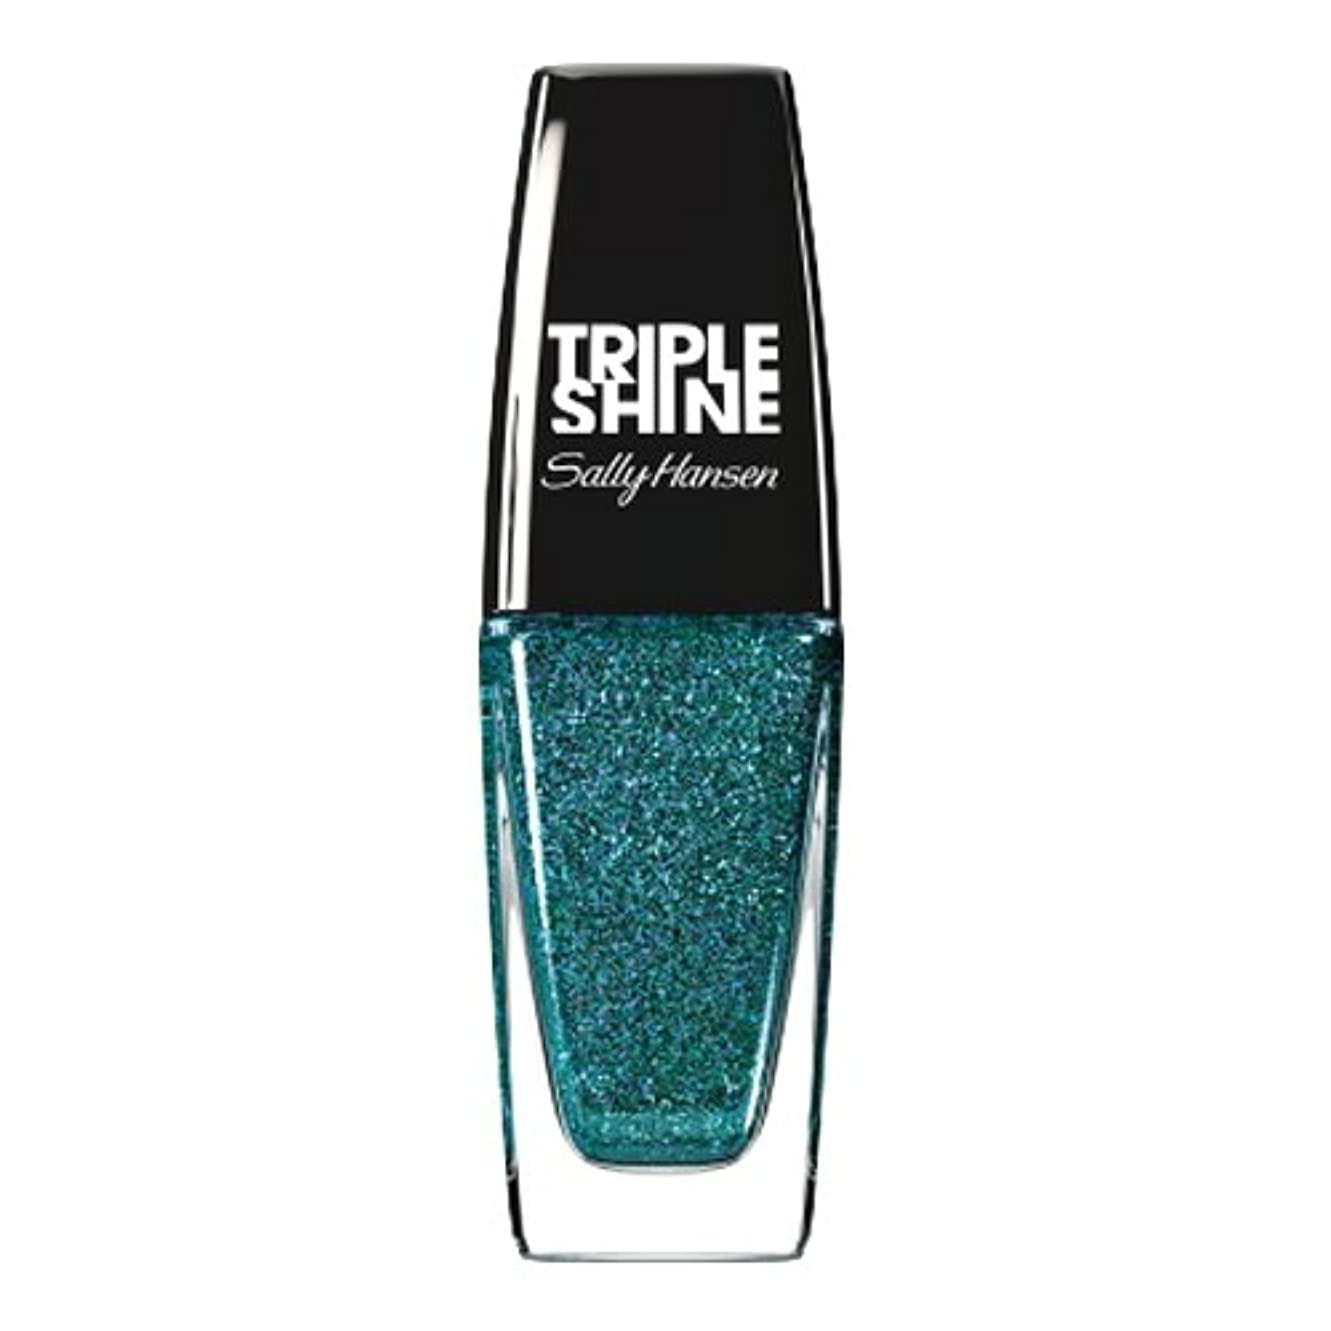 悪用招待トランクSALLY HANSEN Triple Shine Nail Polish - Sparkling Water (並行輸入品)